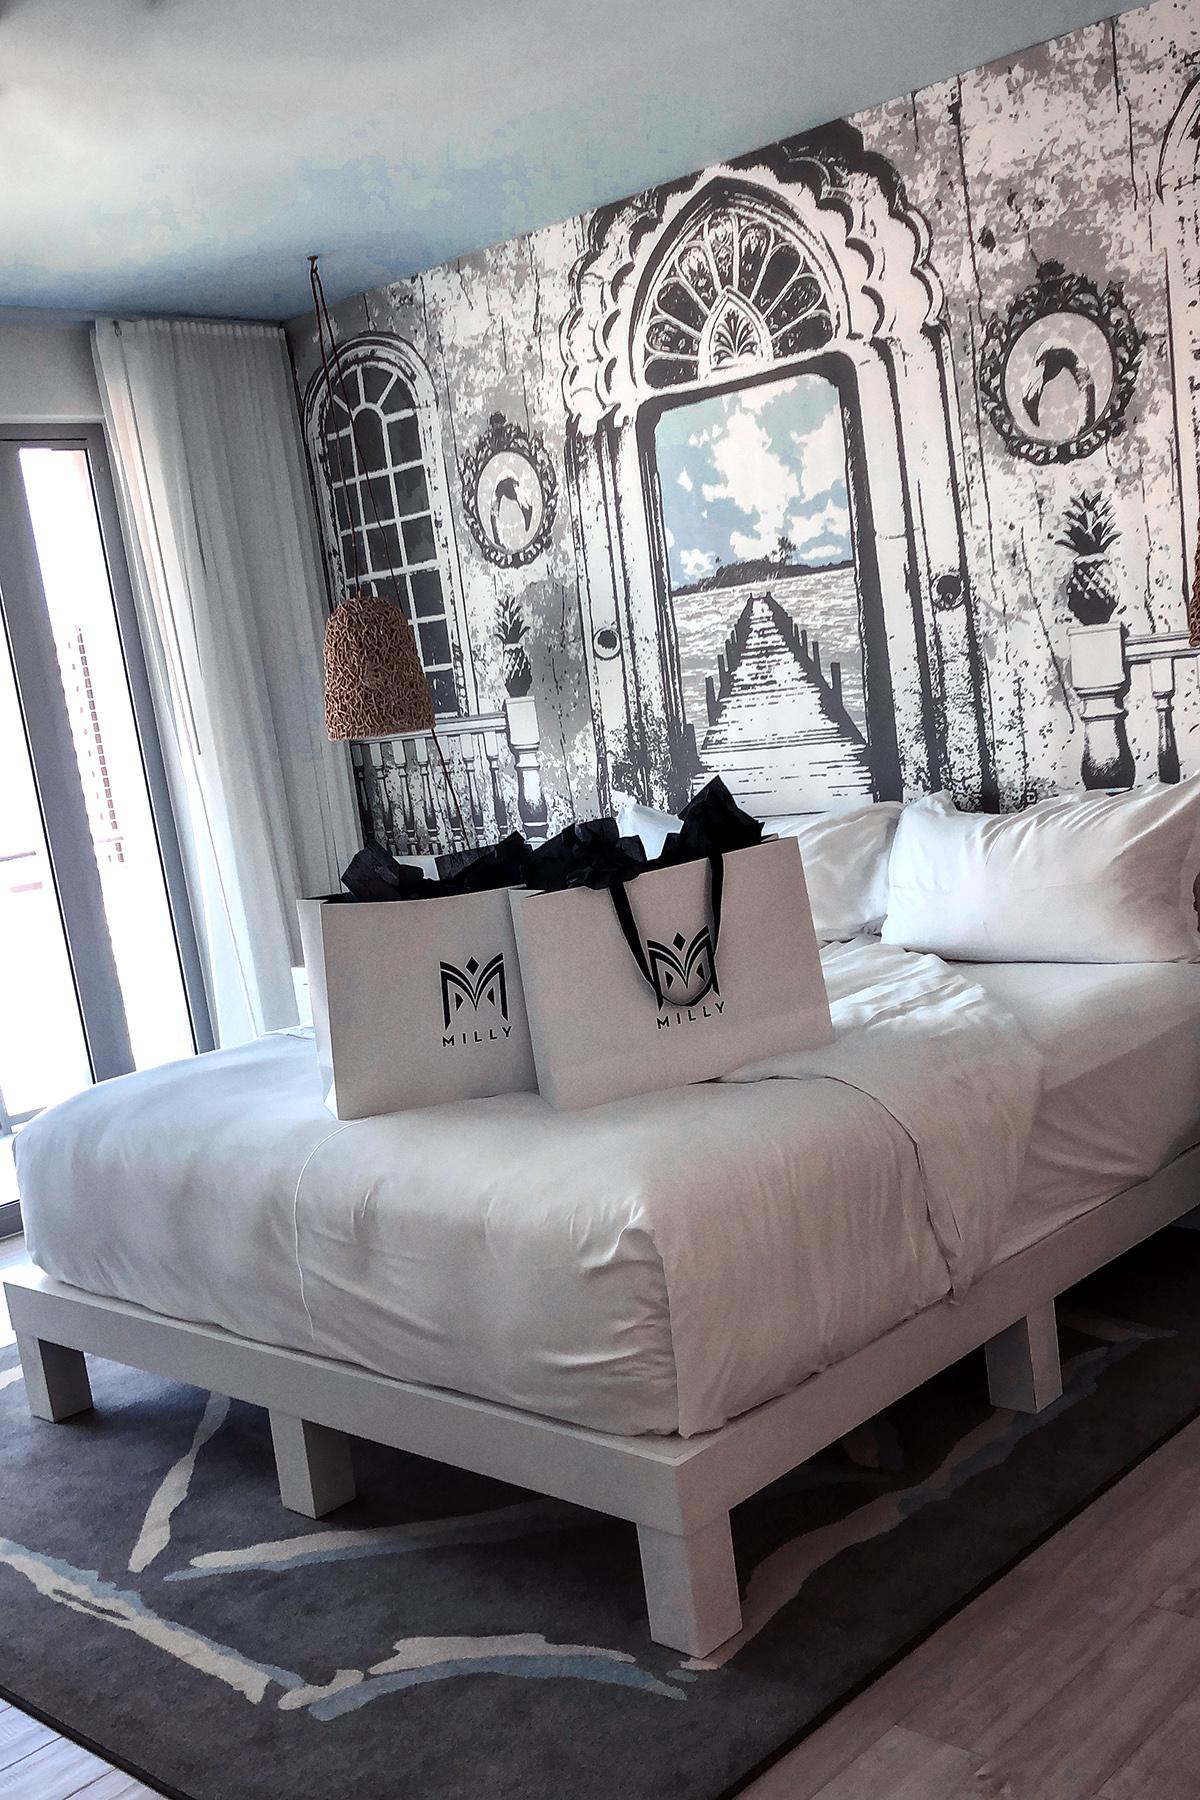 Baha Mar Resorts Hotel Room Bahamas Milly Does the Bahamas.jpg